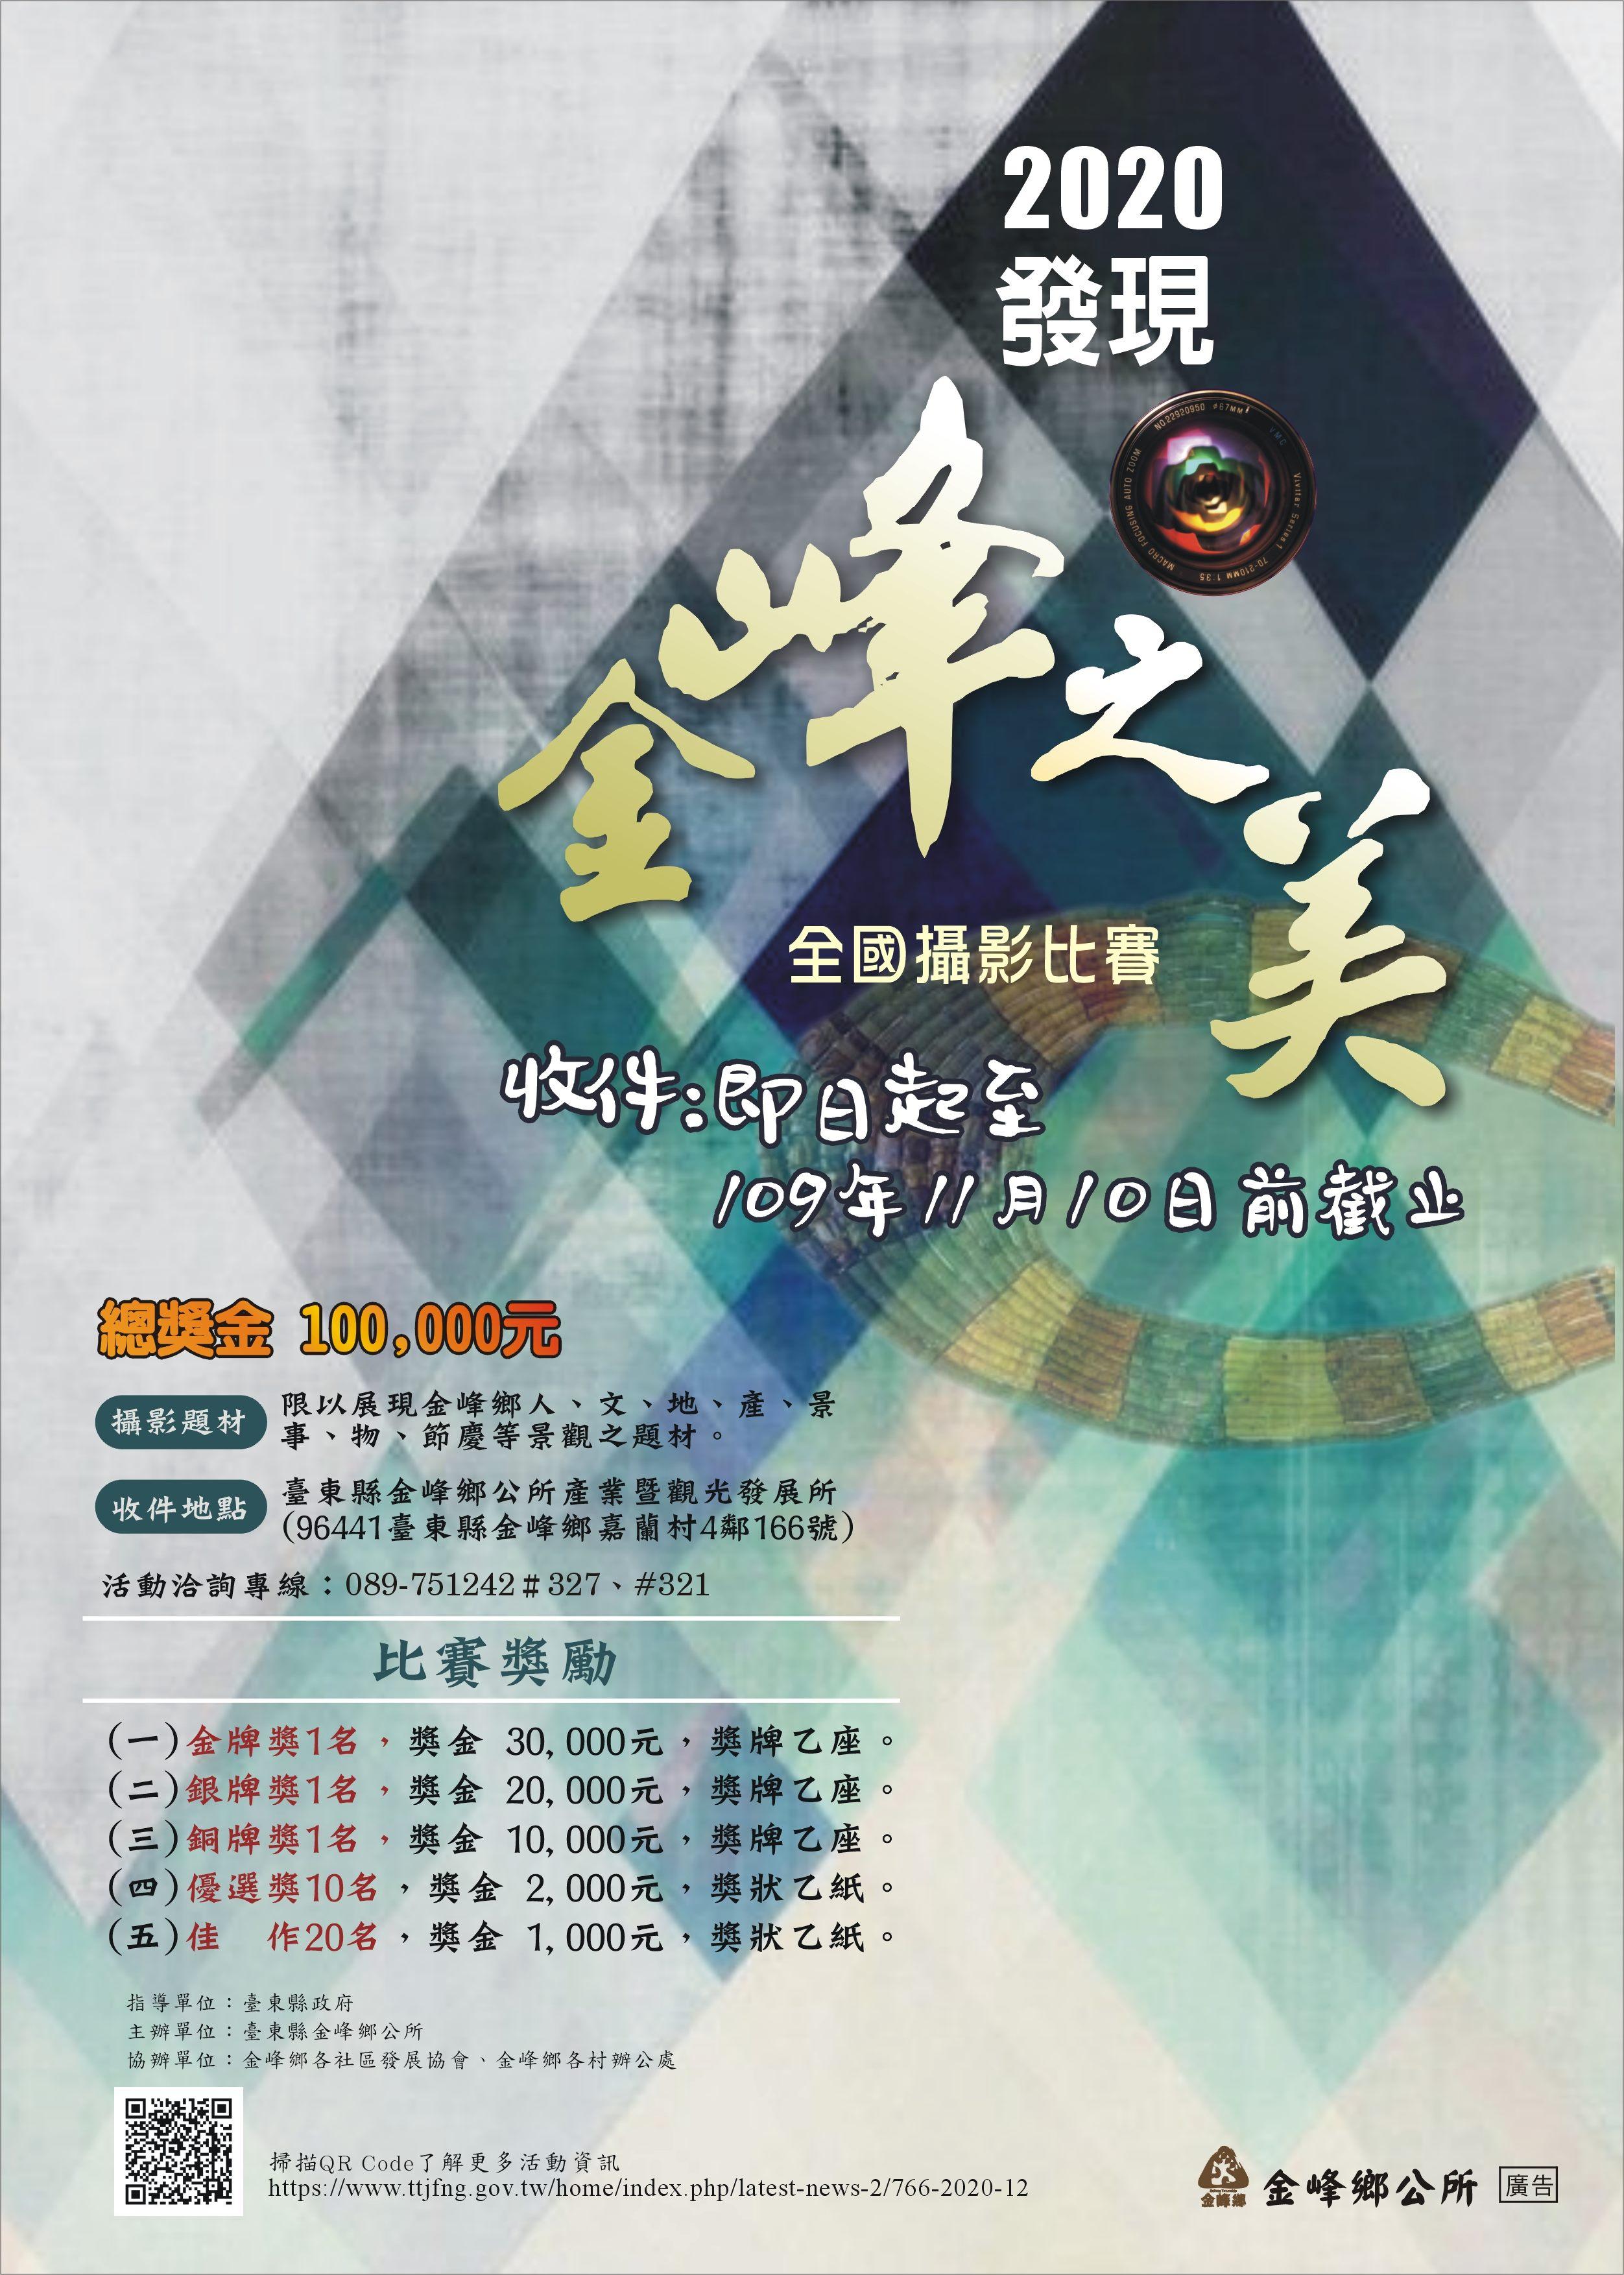 2020發現金峰之美全國攝影比賽活動海報